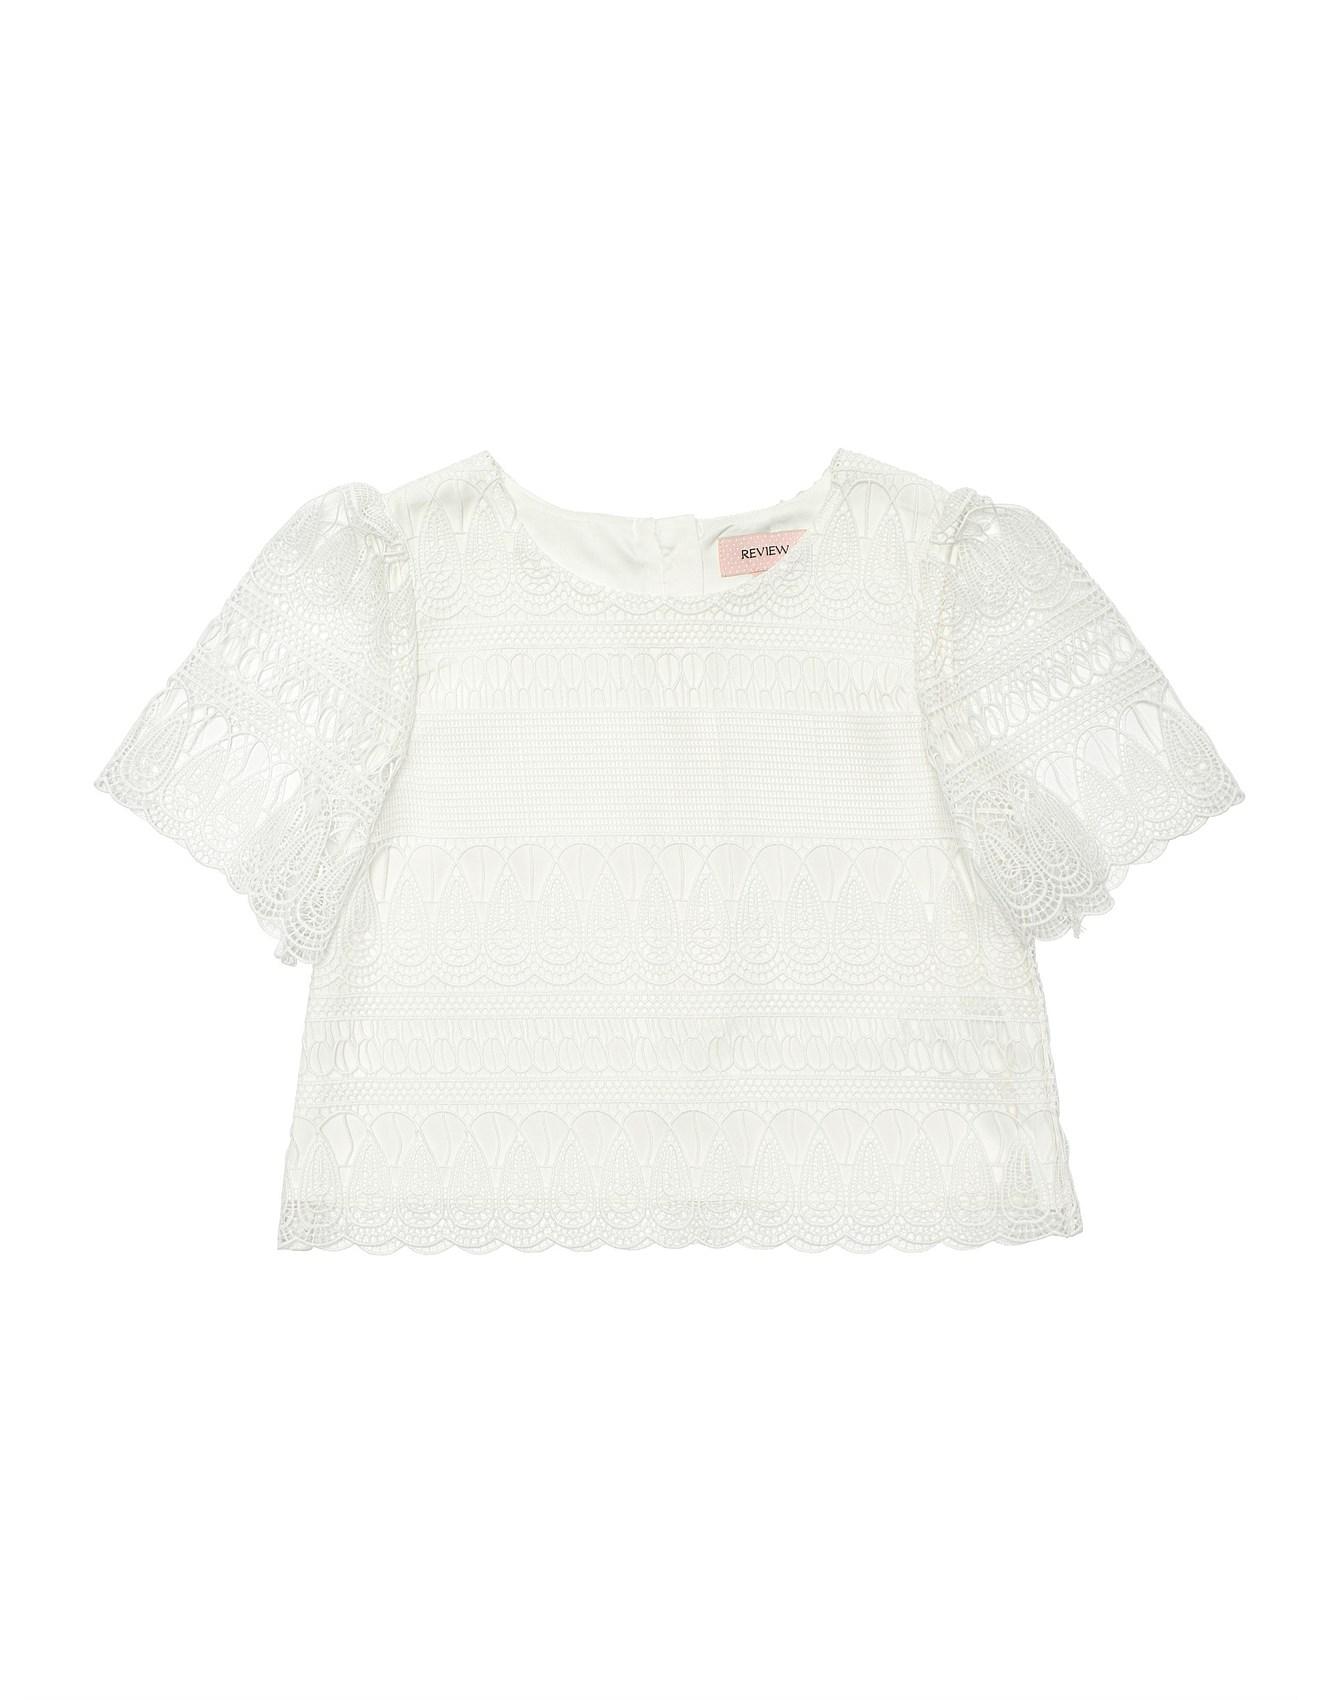 3faa16f993de12 Girl s Tops   T-Shirts